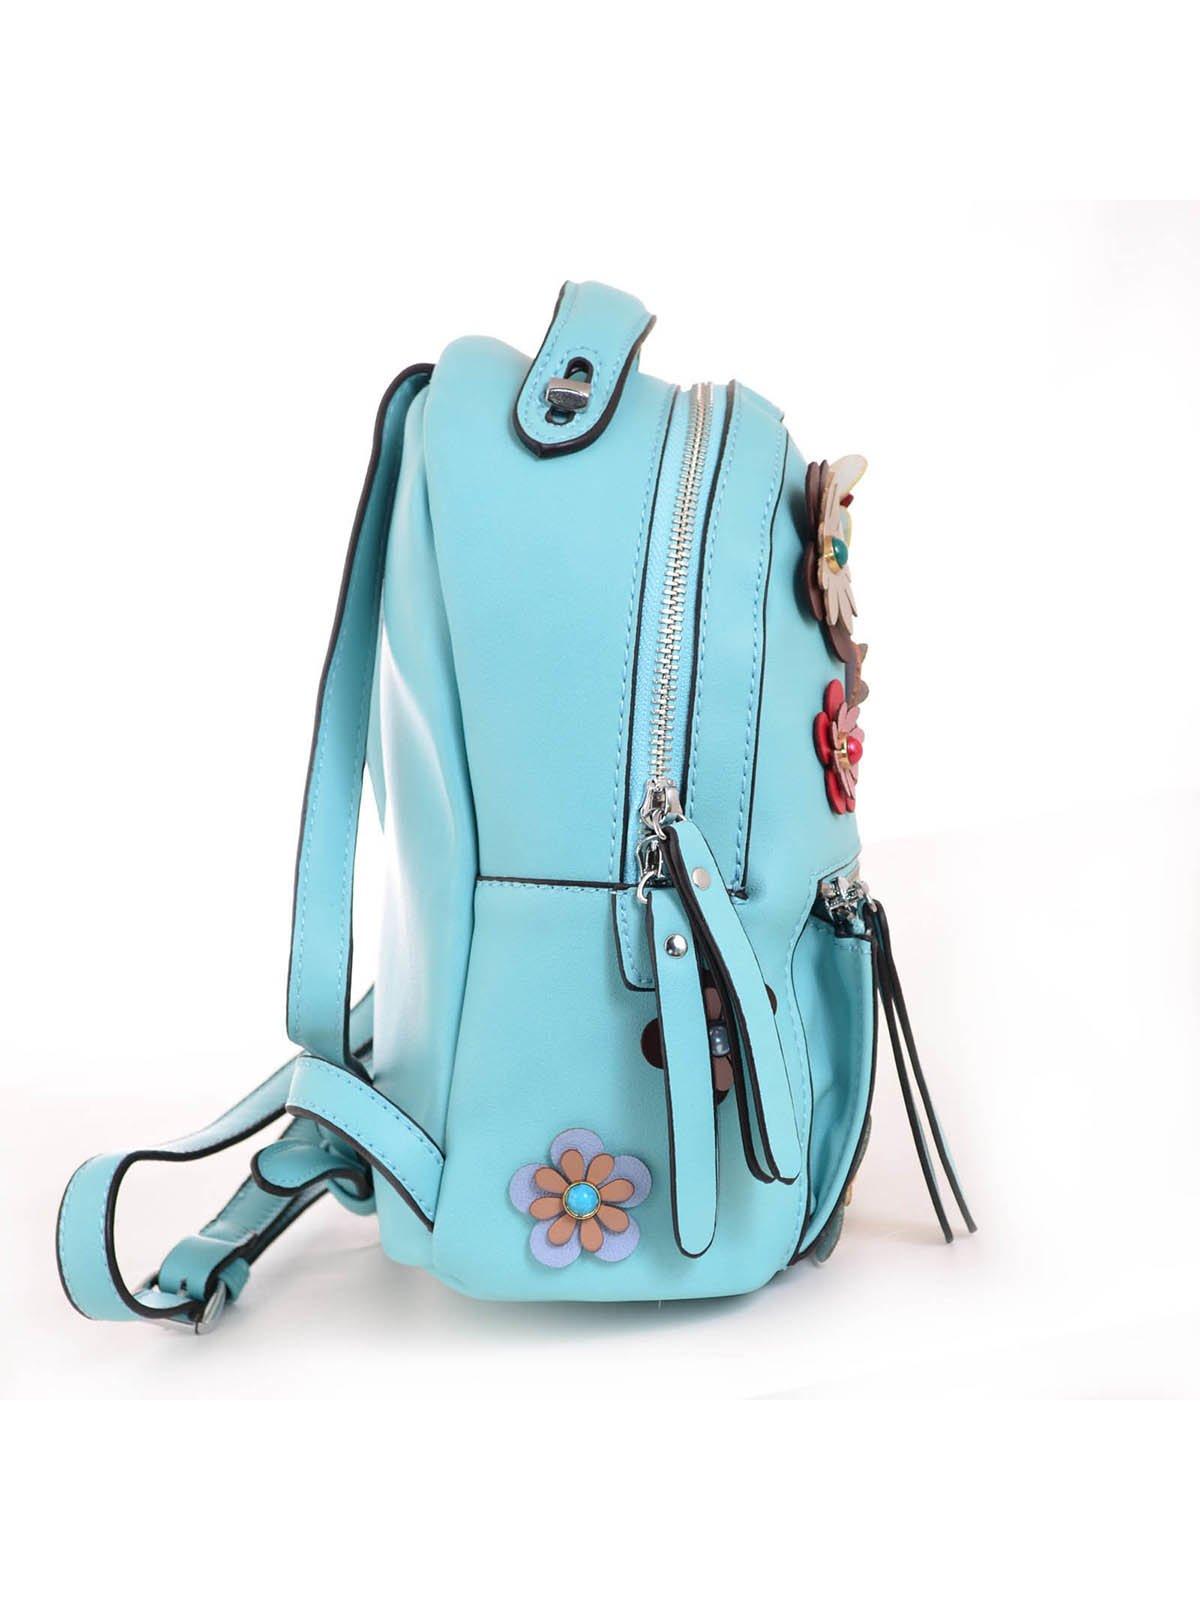 Рюкзак бірюзовий з декором | 3492478 | фото 4